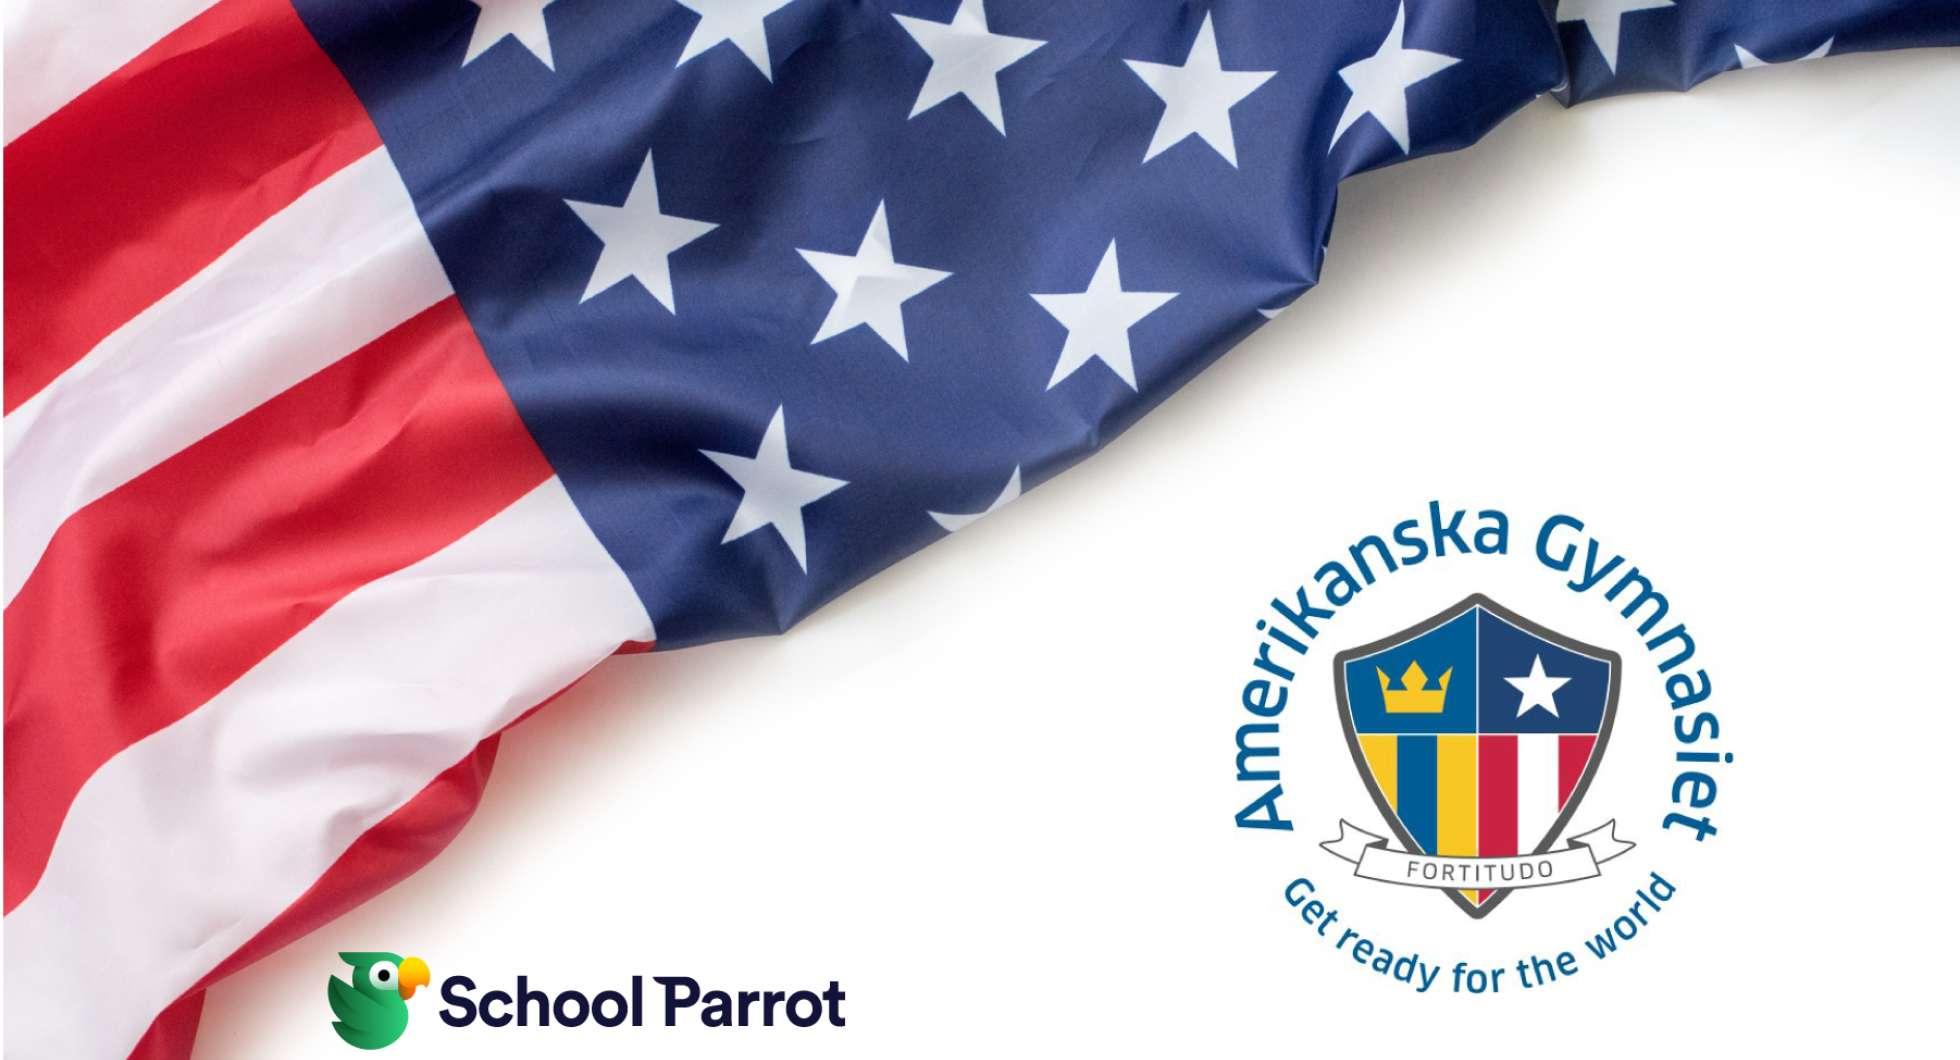 Välkomna säger vi till Amerikanska Gymnasiet Göteborg!